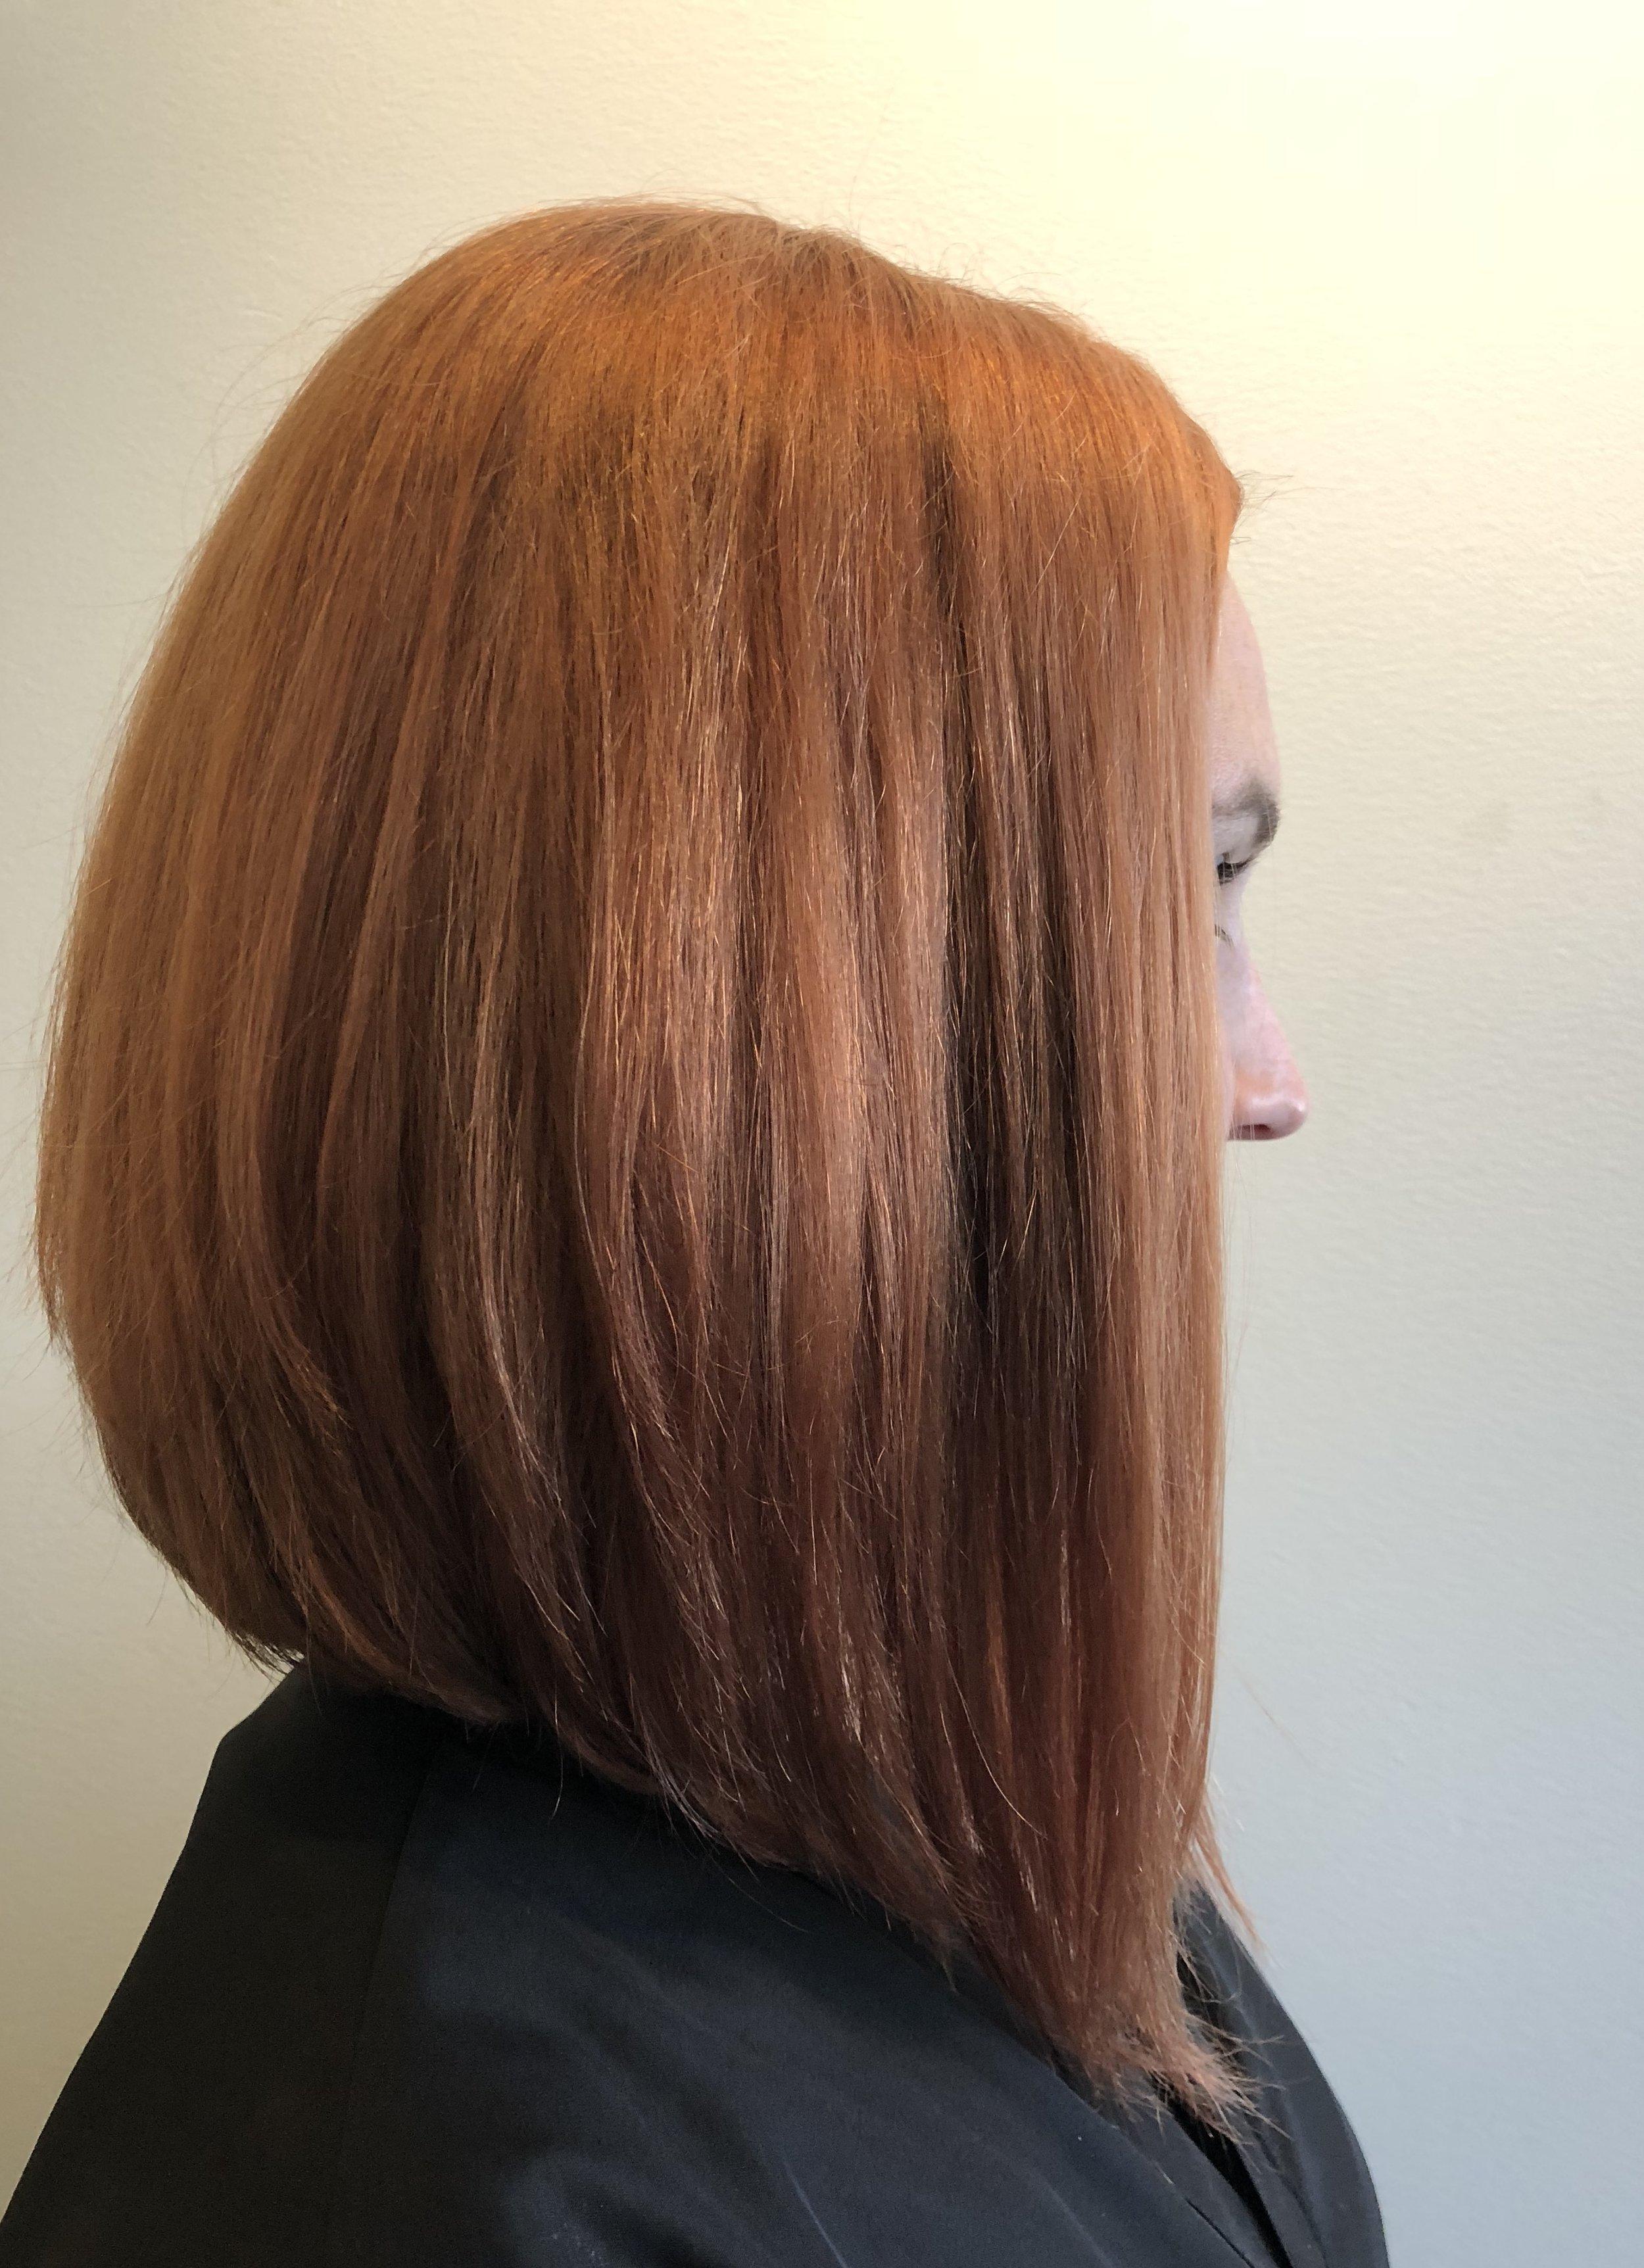 Copper Hair Color with Diagonal Forward Bob  Hair Cut.  Hairbabestudio.com